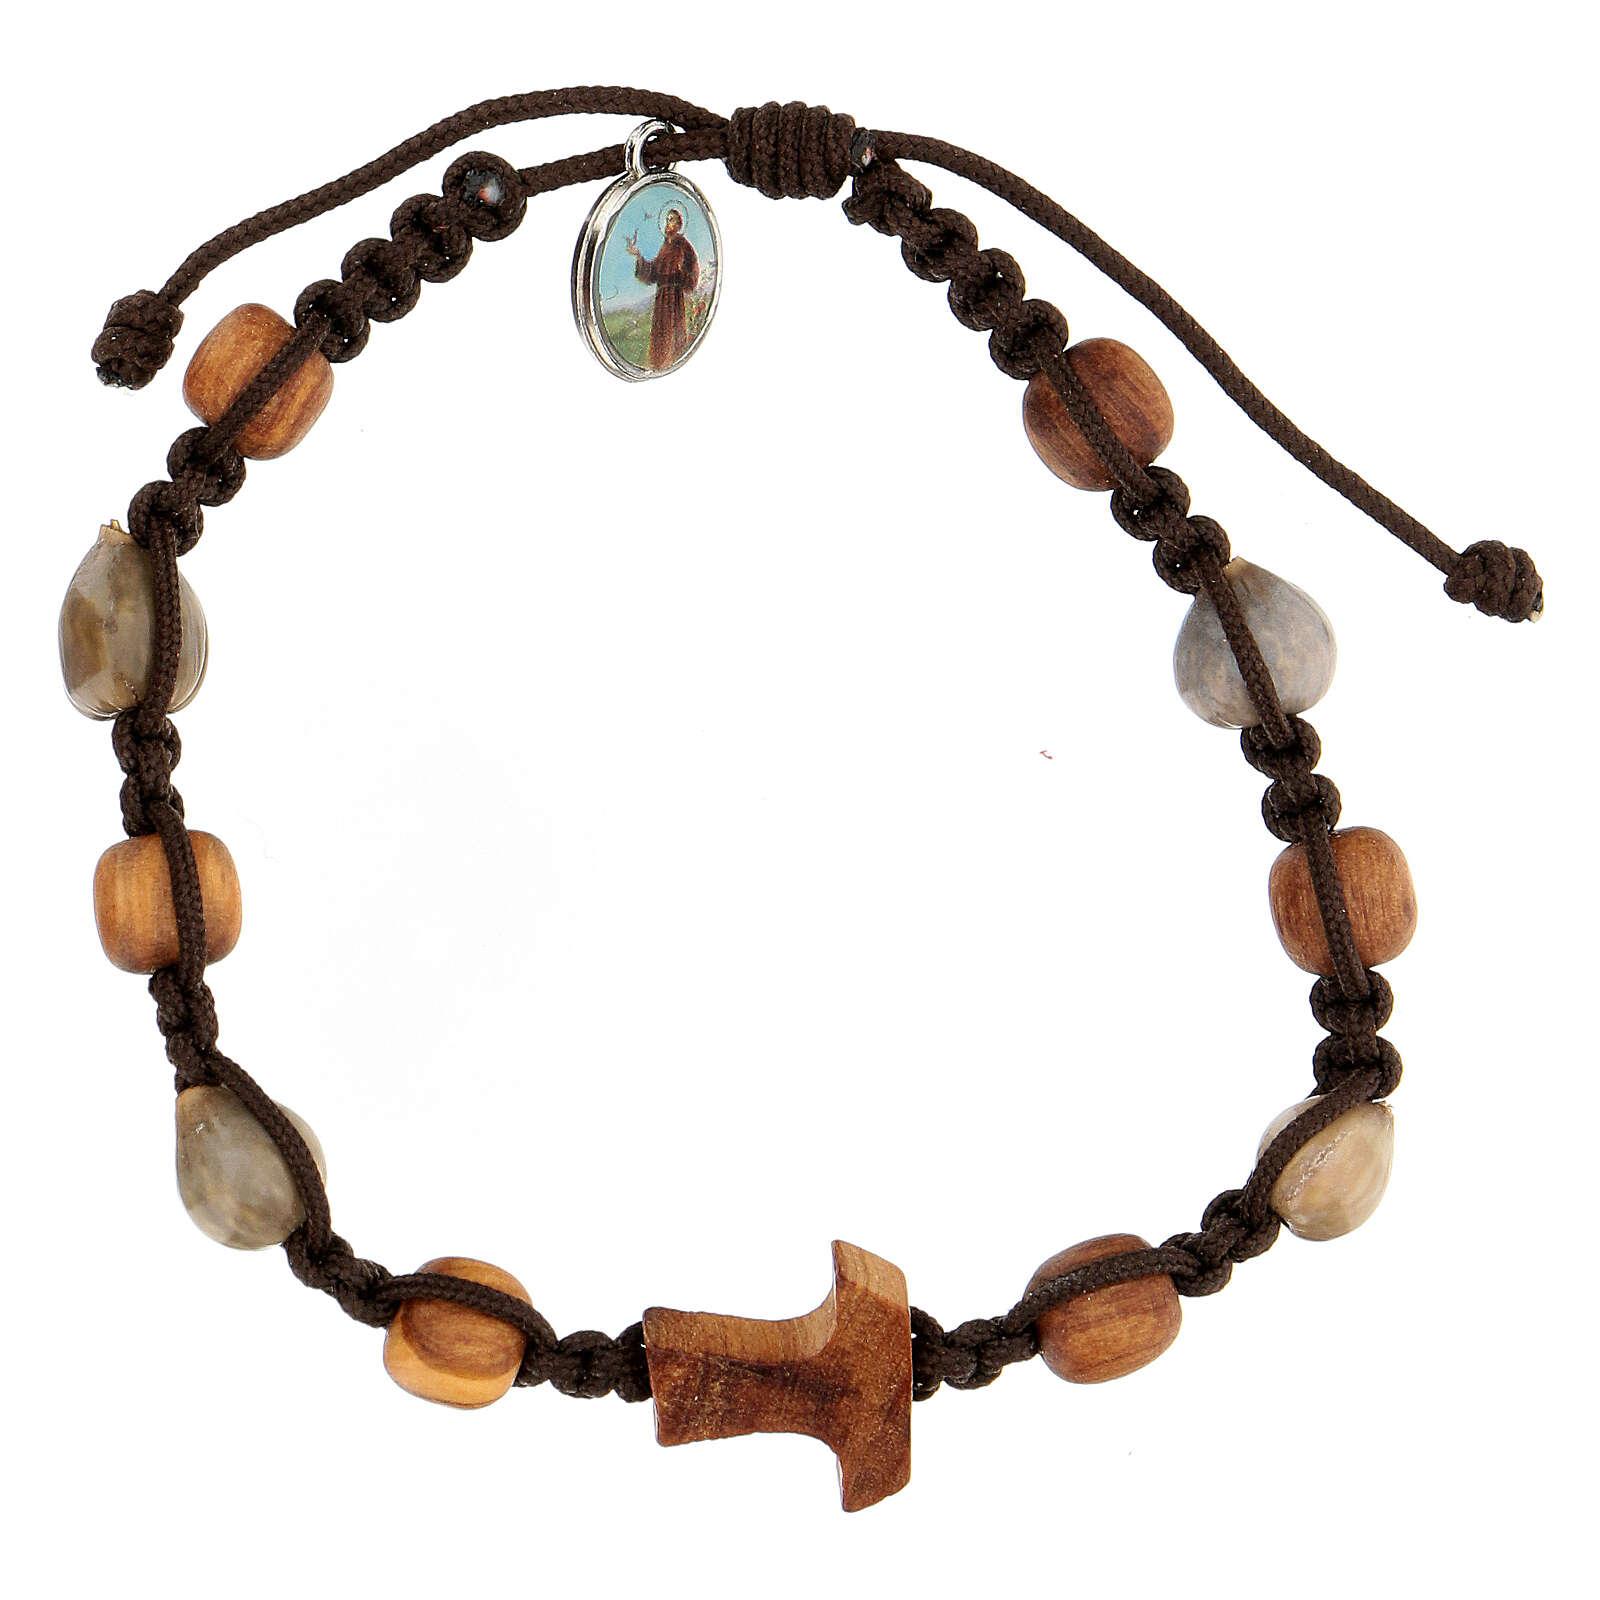 Bracelet grains bicolores croix tau Medjugorje corde marron Larmes-de-Job 4